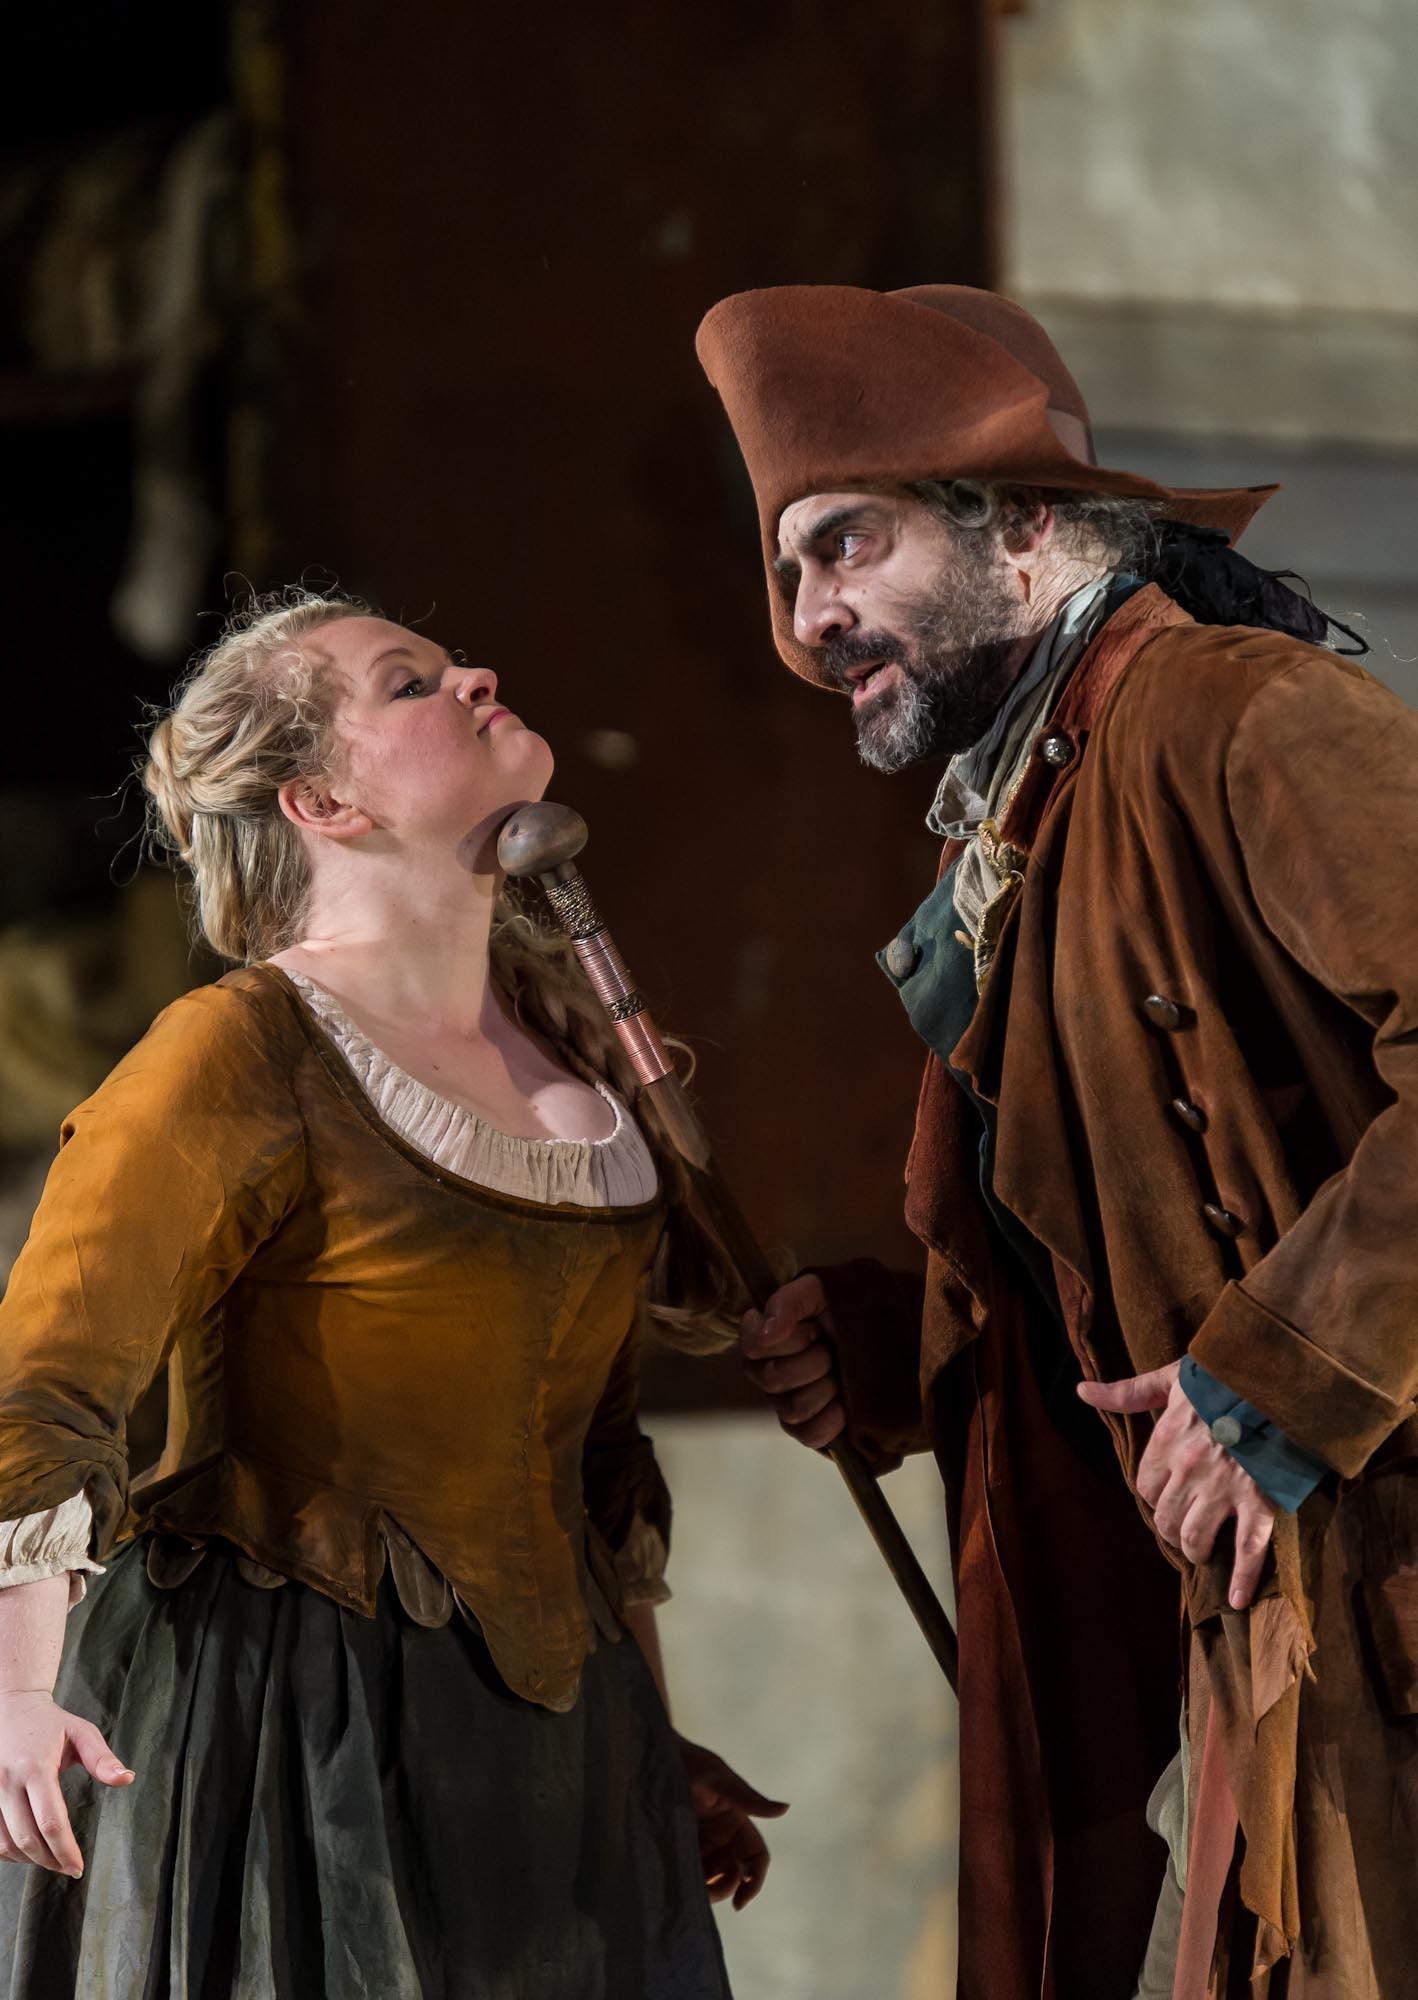 Cenerentola at Glyndebourne c. Clive Barda 2012